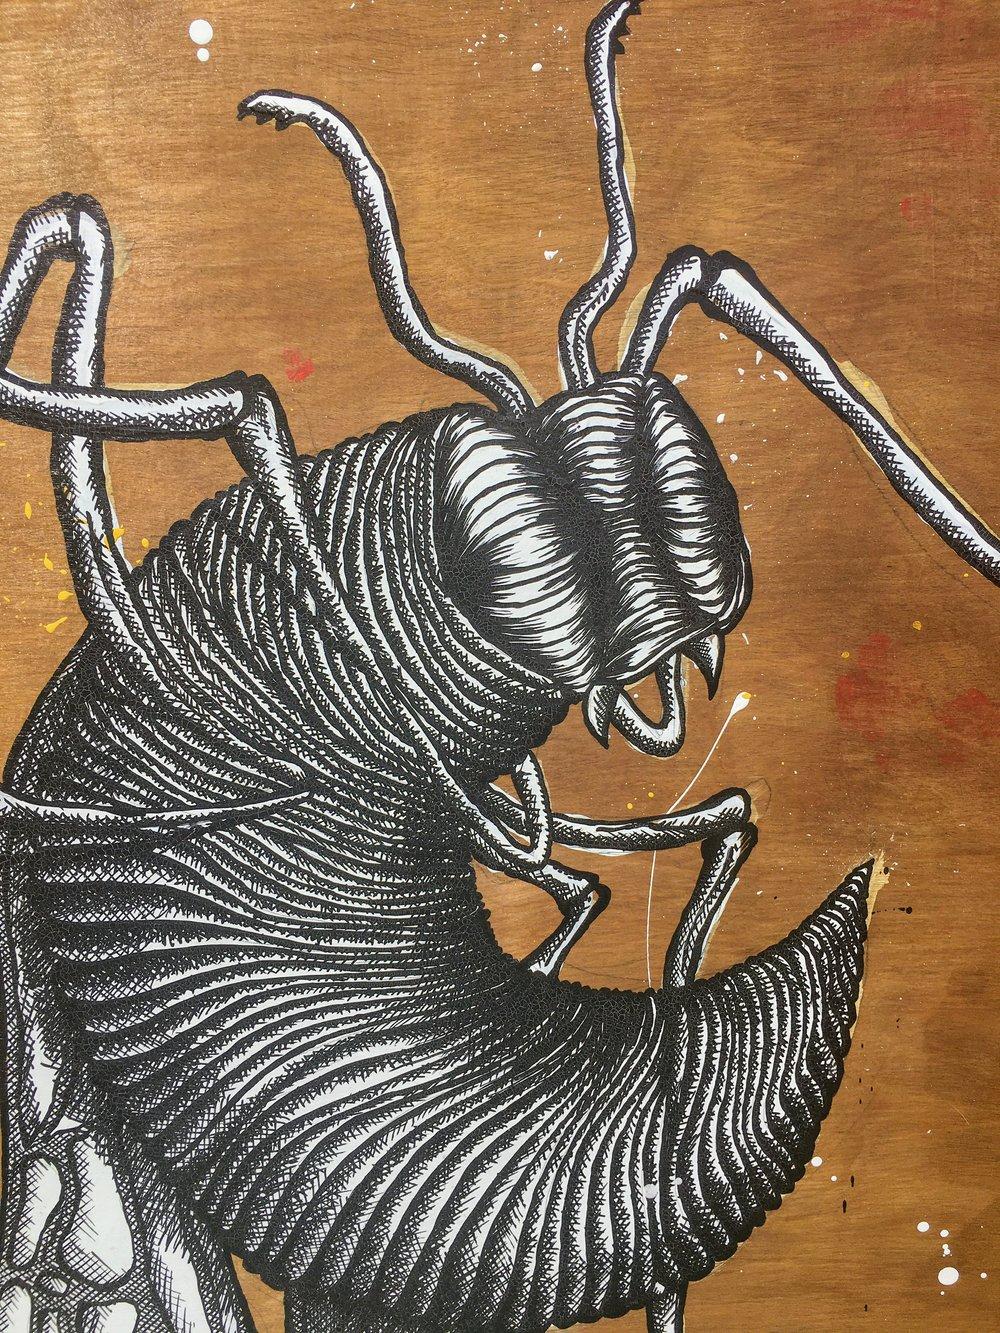 'Wasp'